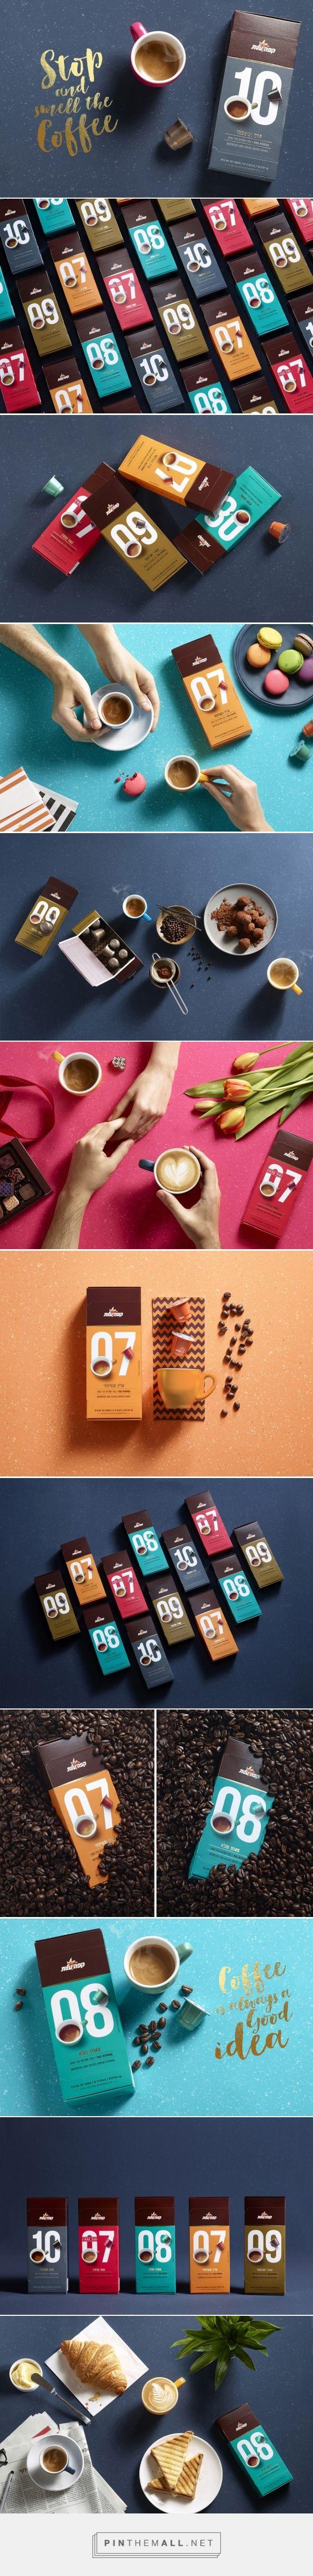 elite coffee capsules branding packaging